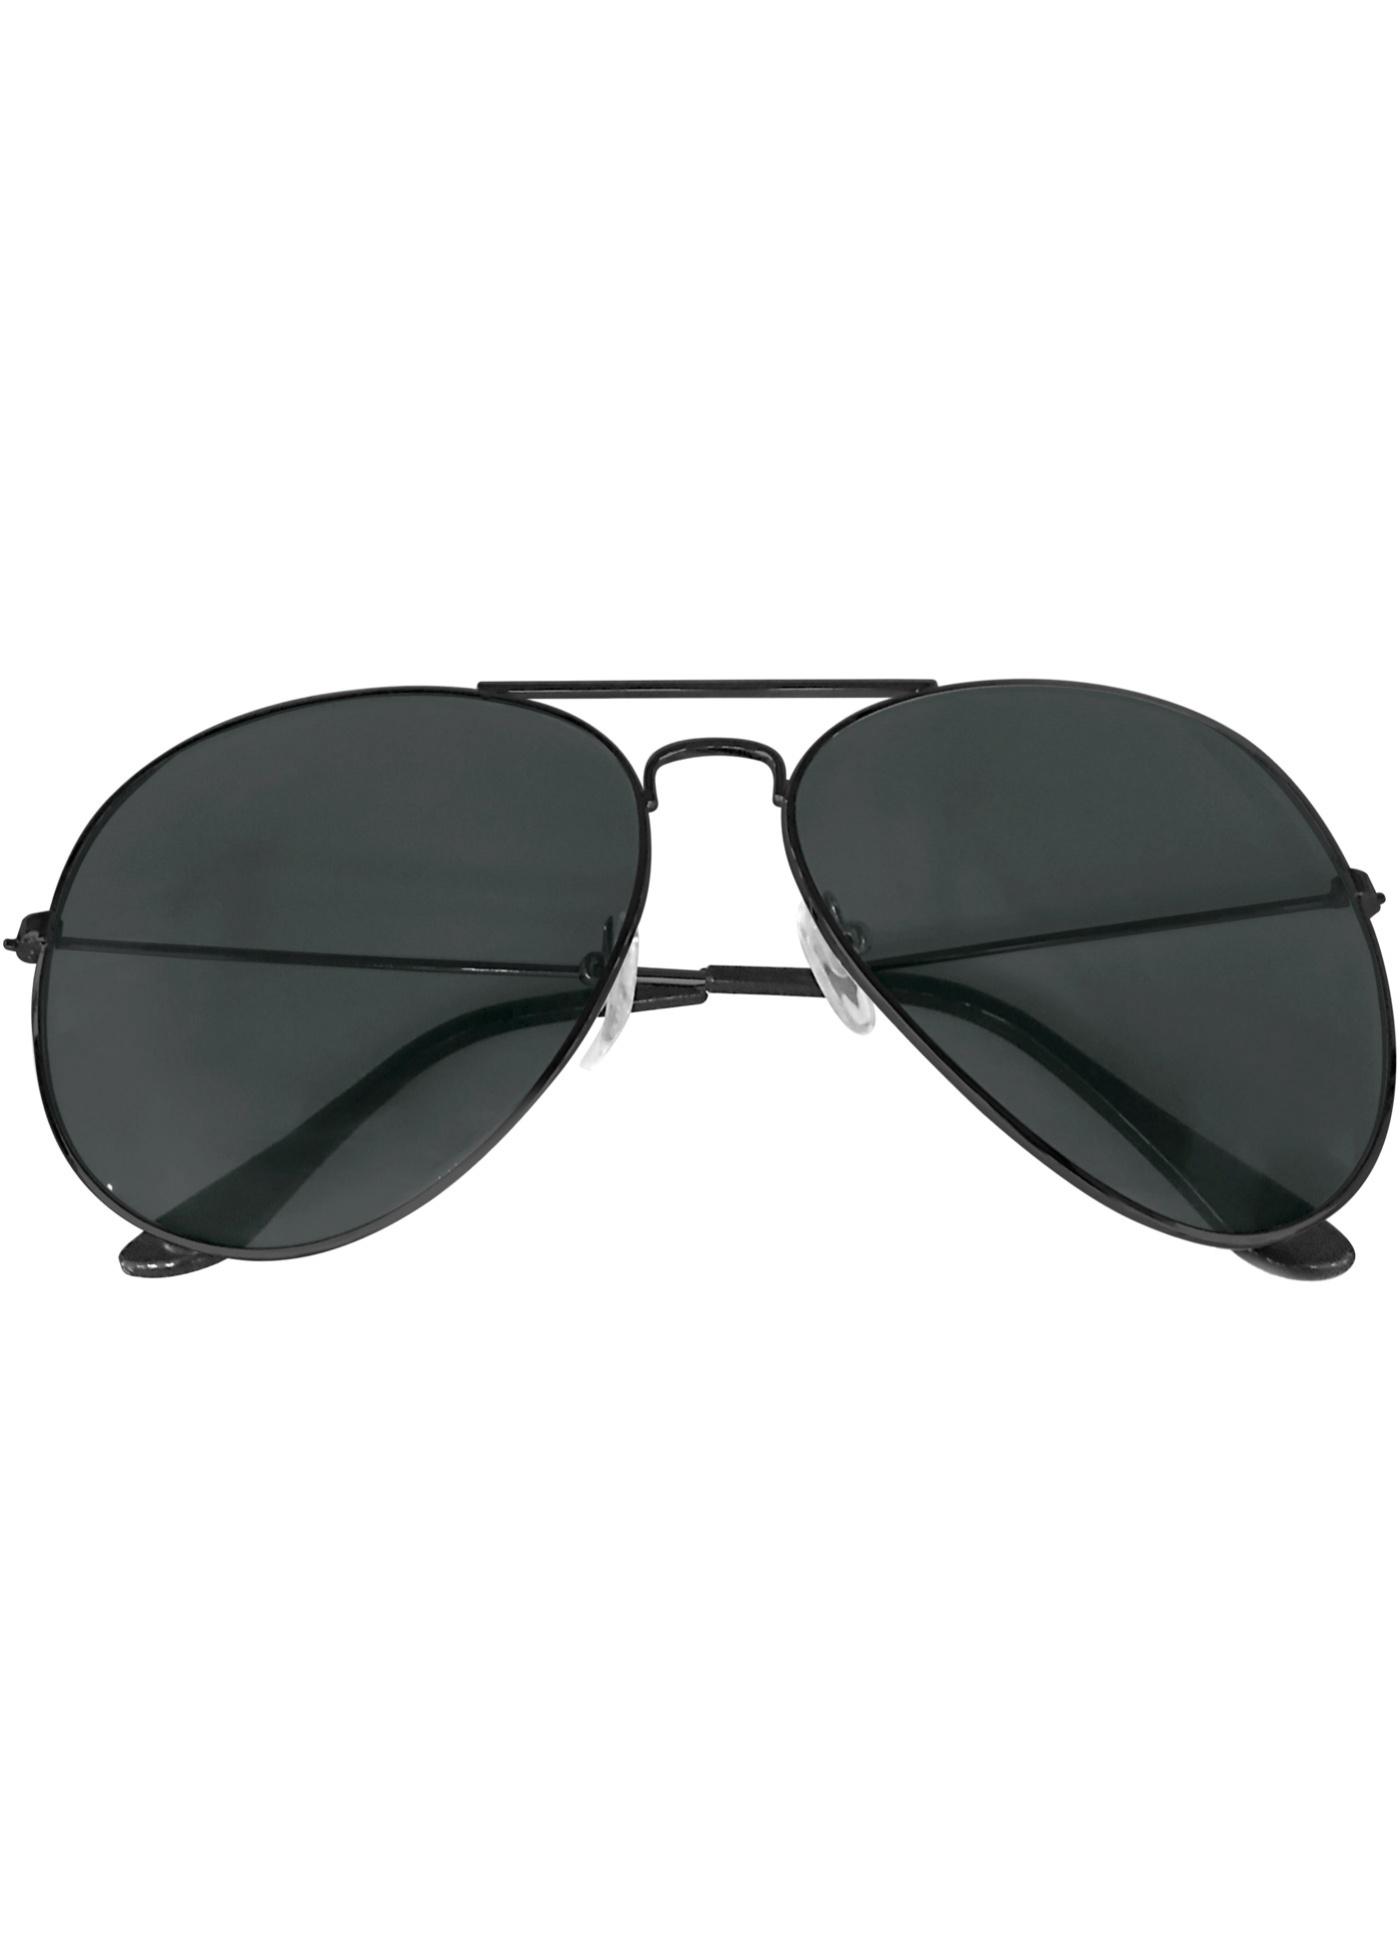 Occhiali da sole  Nero  -